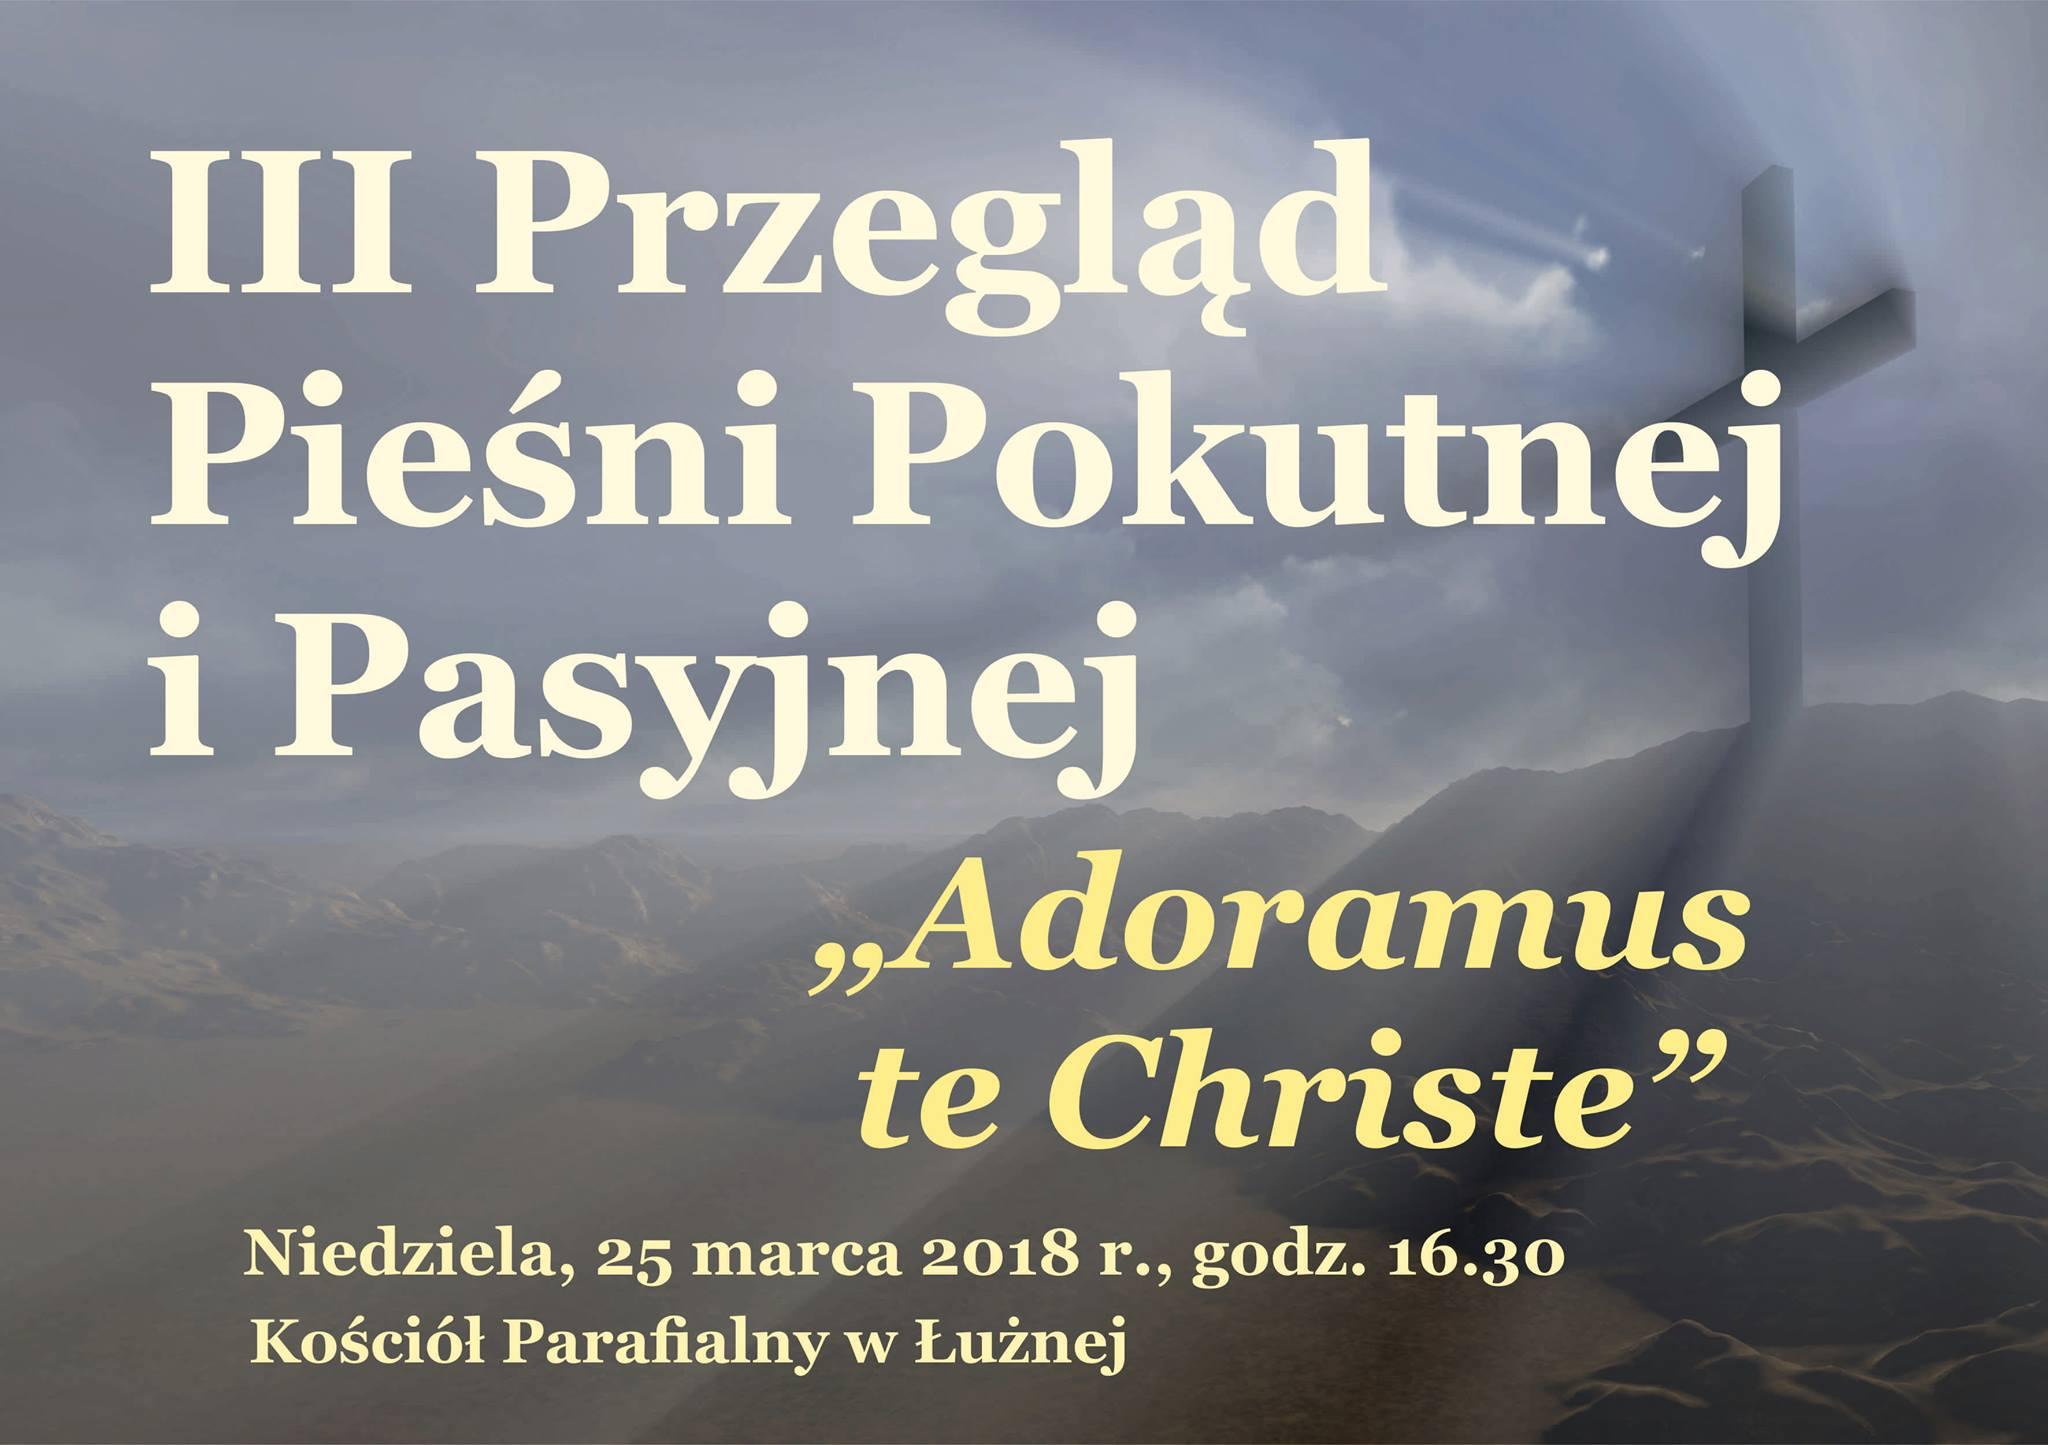 Zaproszenie na III Przegląd Pieśni Pokutnej i Pasyjnej